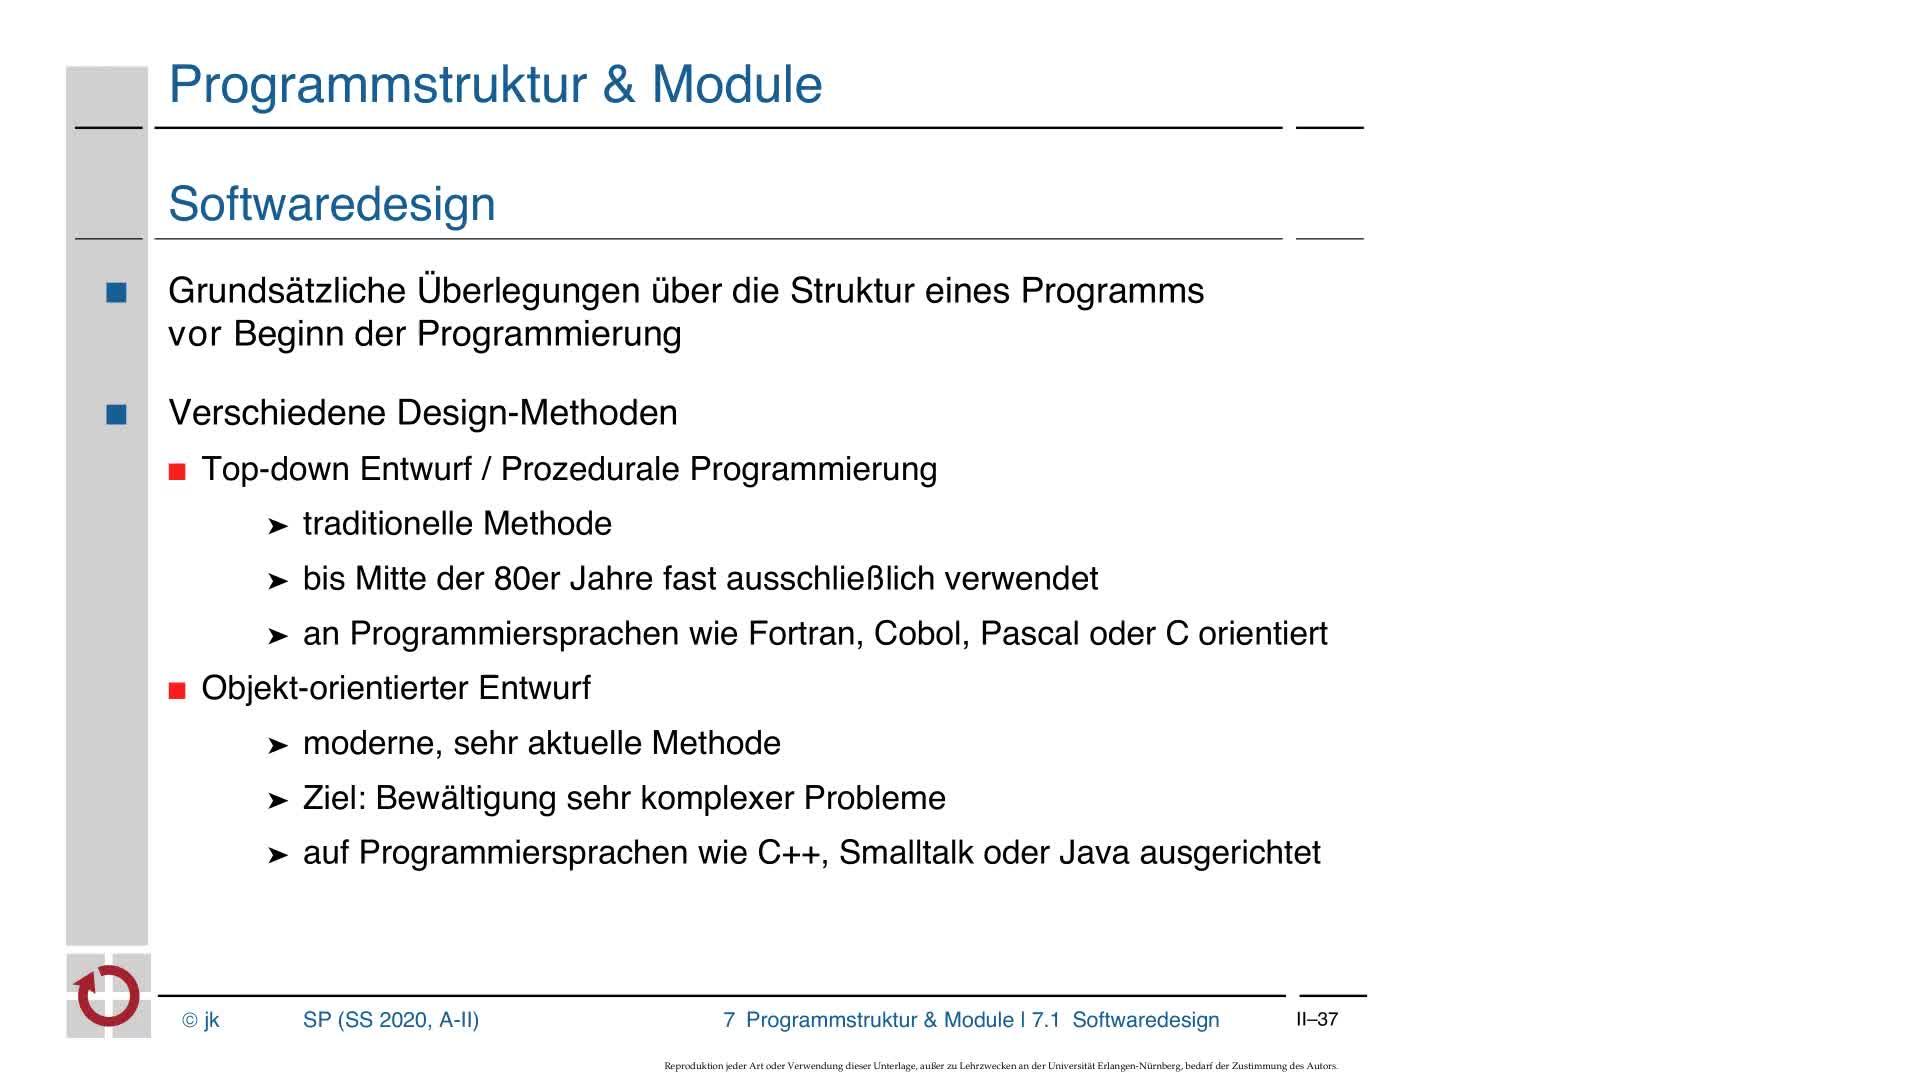 2.2.3 C-Kurzeinführung: Module preview image